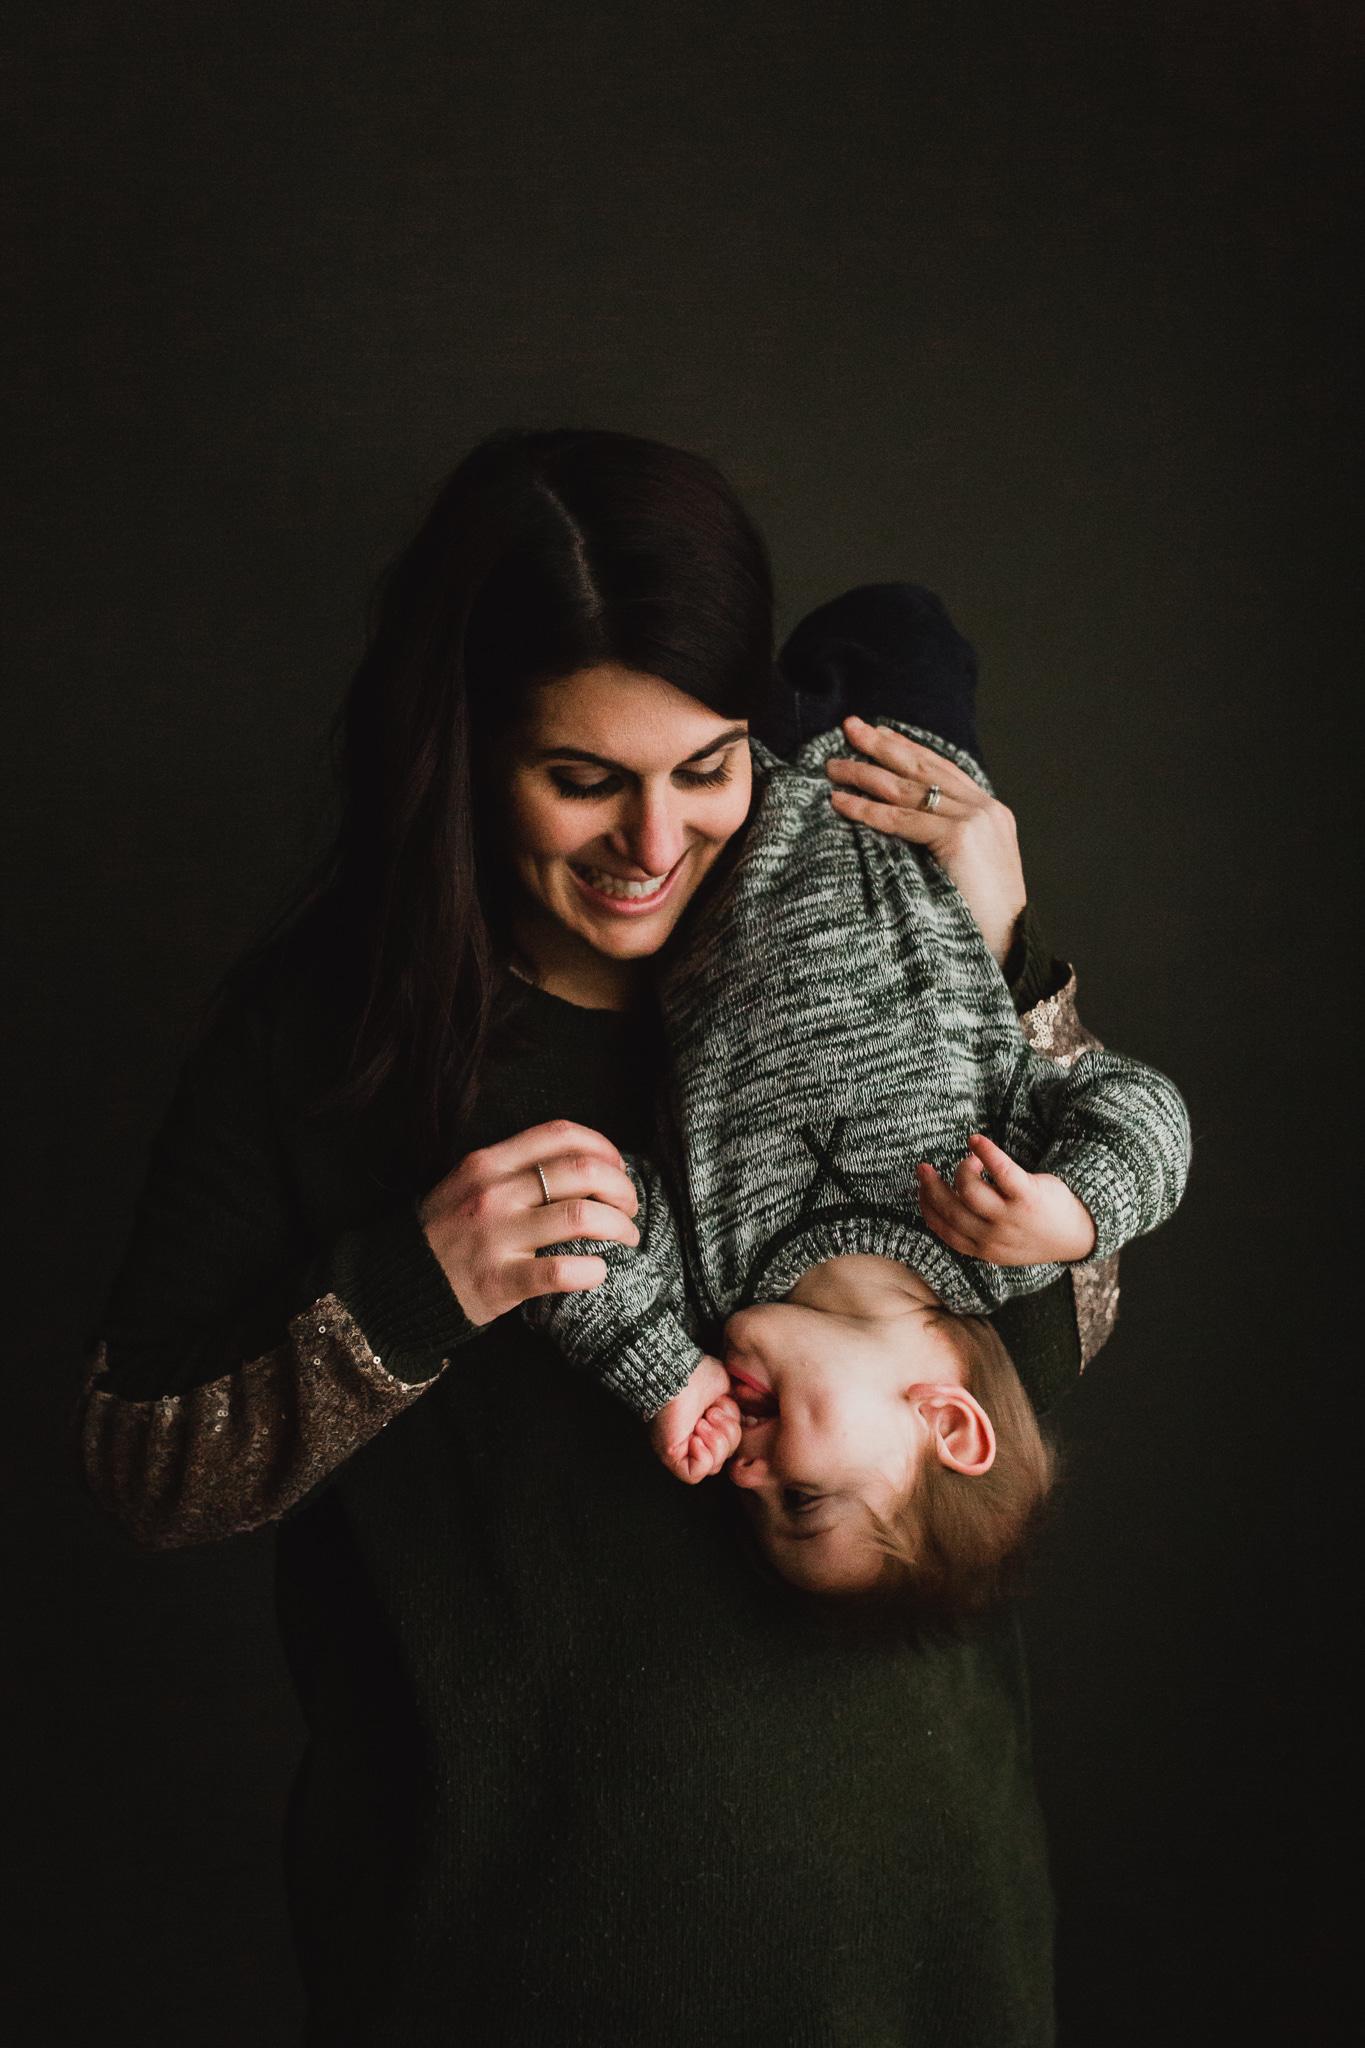 Alina-Joy-Photography-Cold-Lake-Lifestyle-Photographer-197.jpg